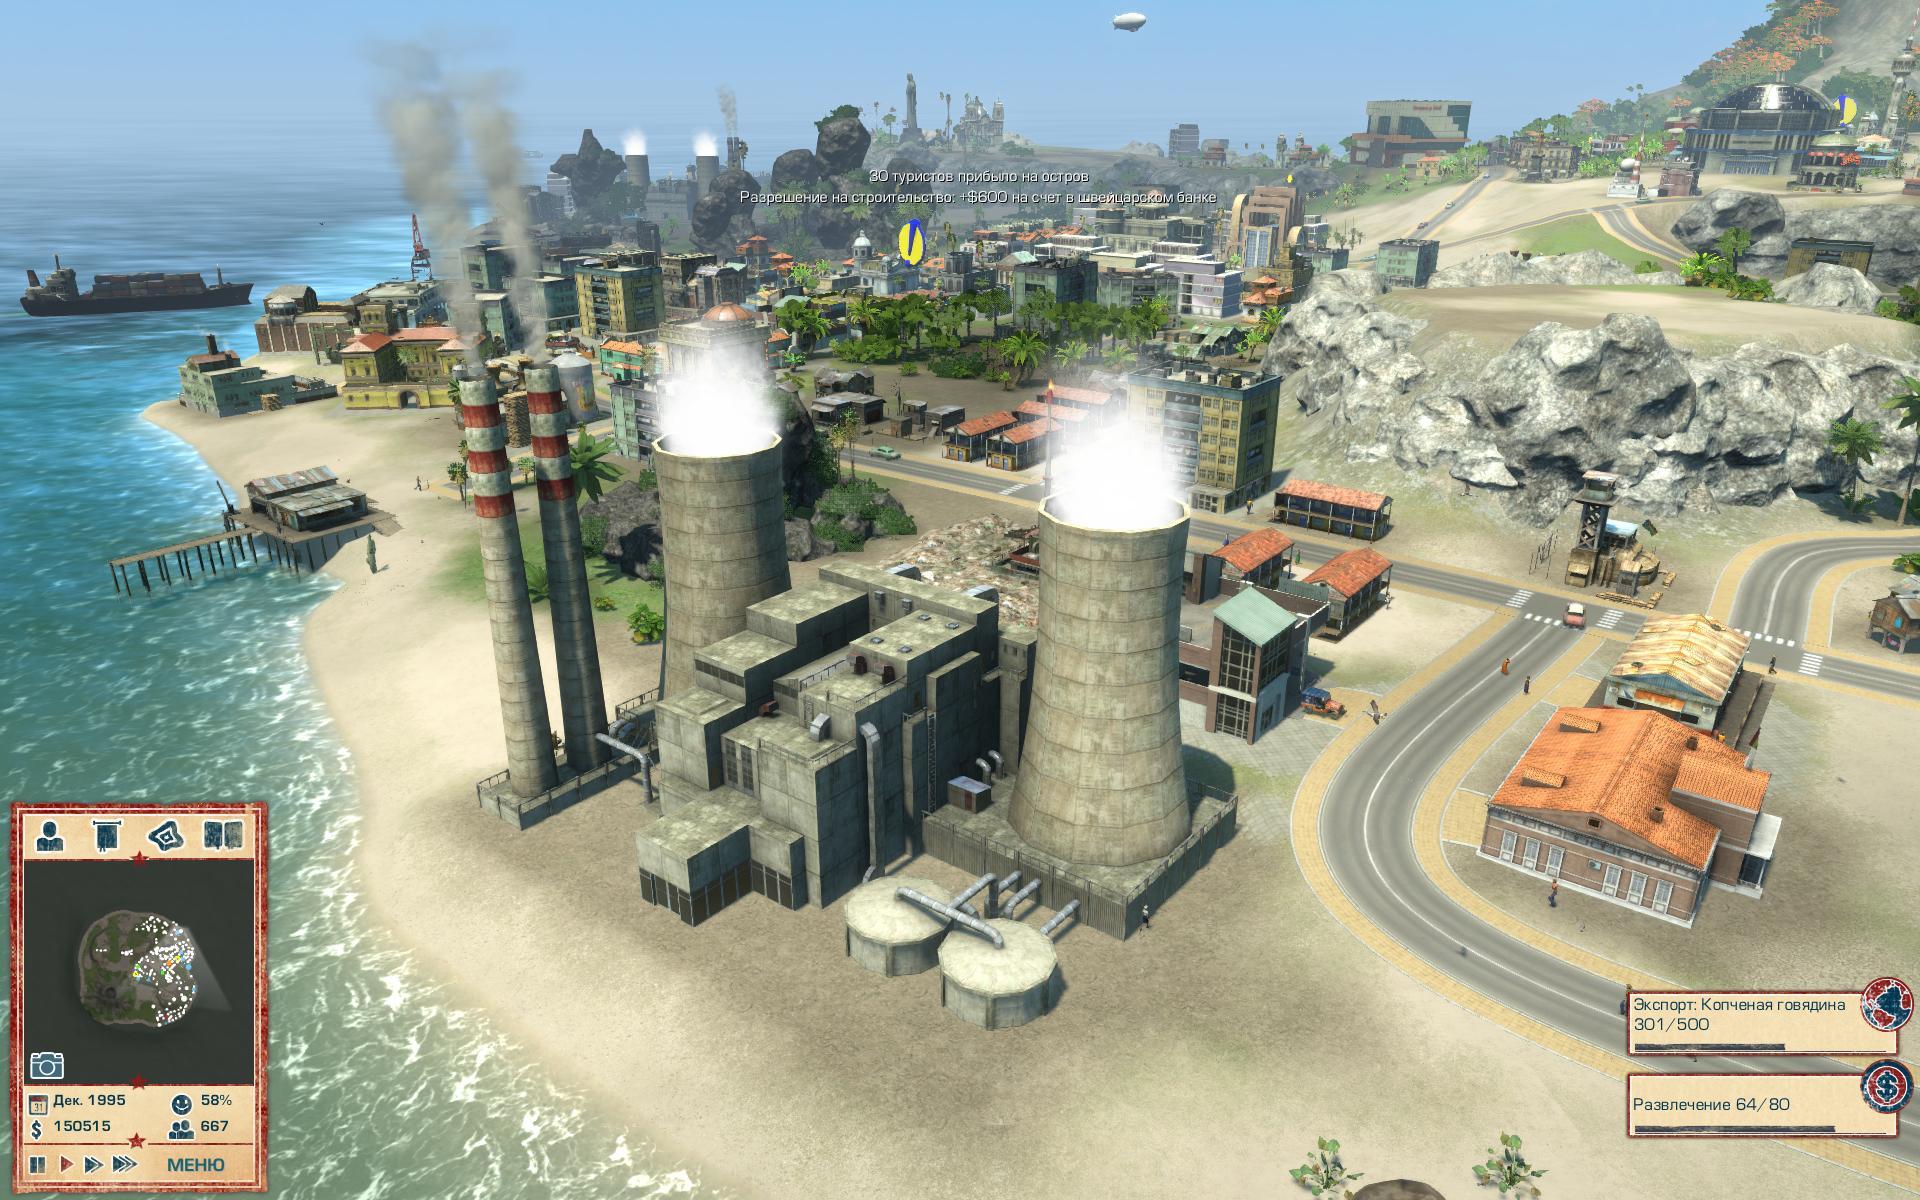 Скриншот Тропико 4 / Tropico 4 (2011) PC